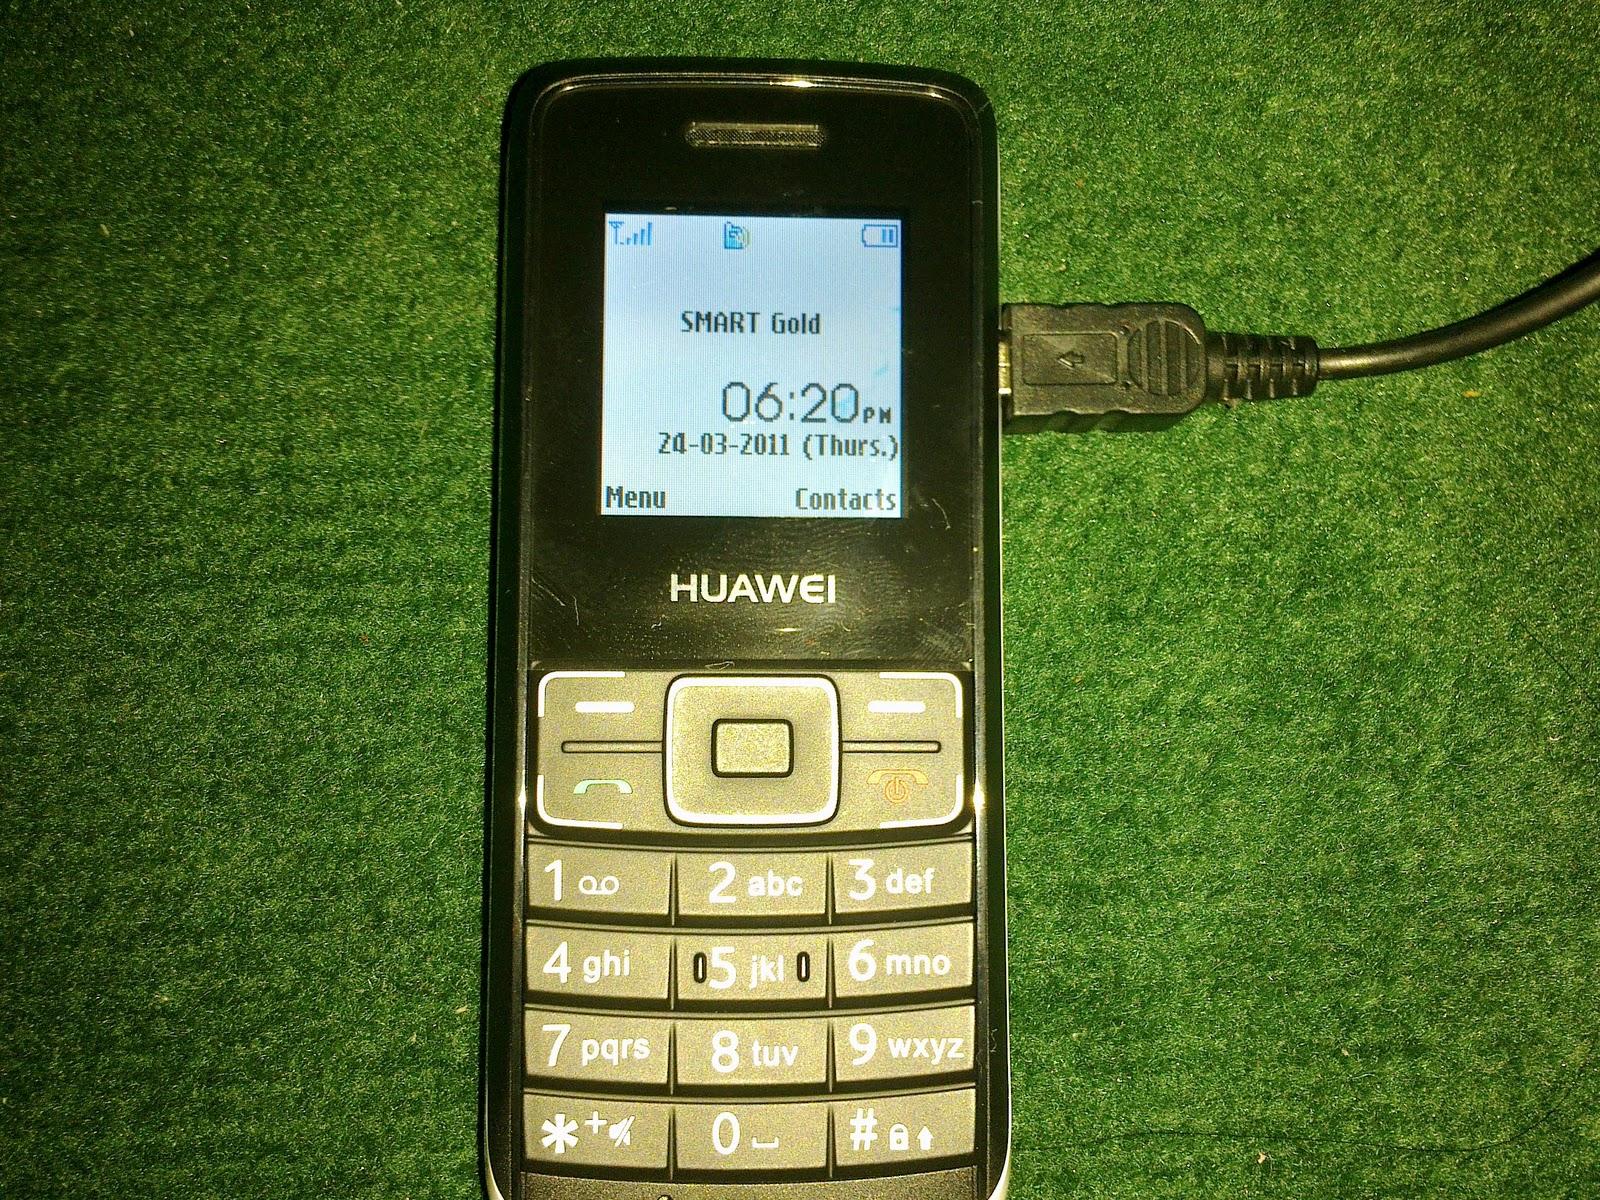 Software huawei g2100